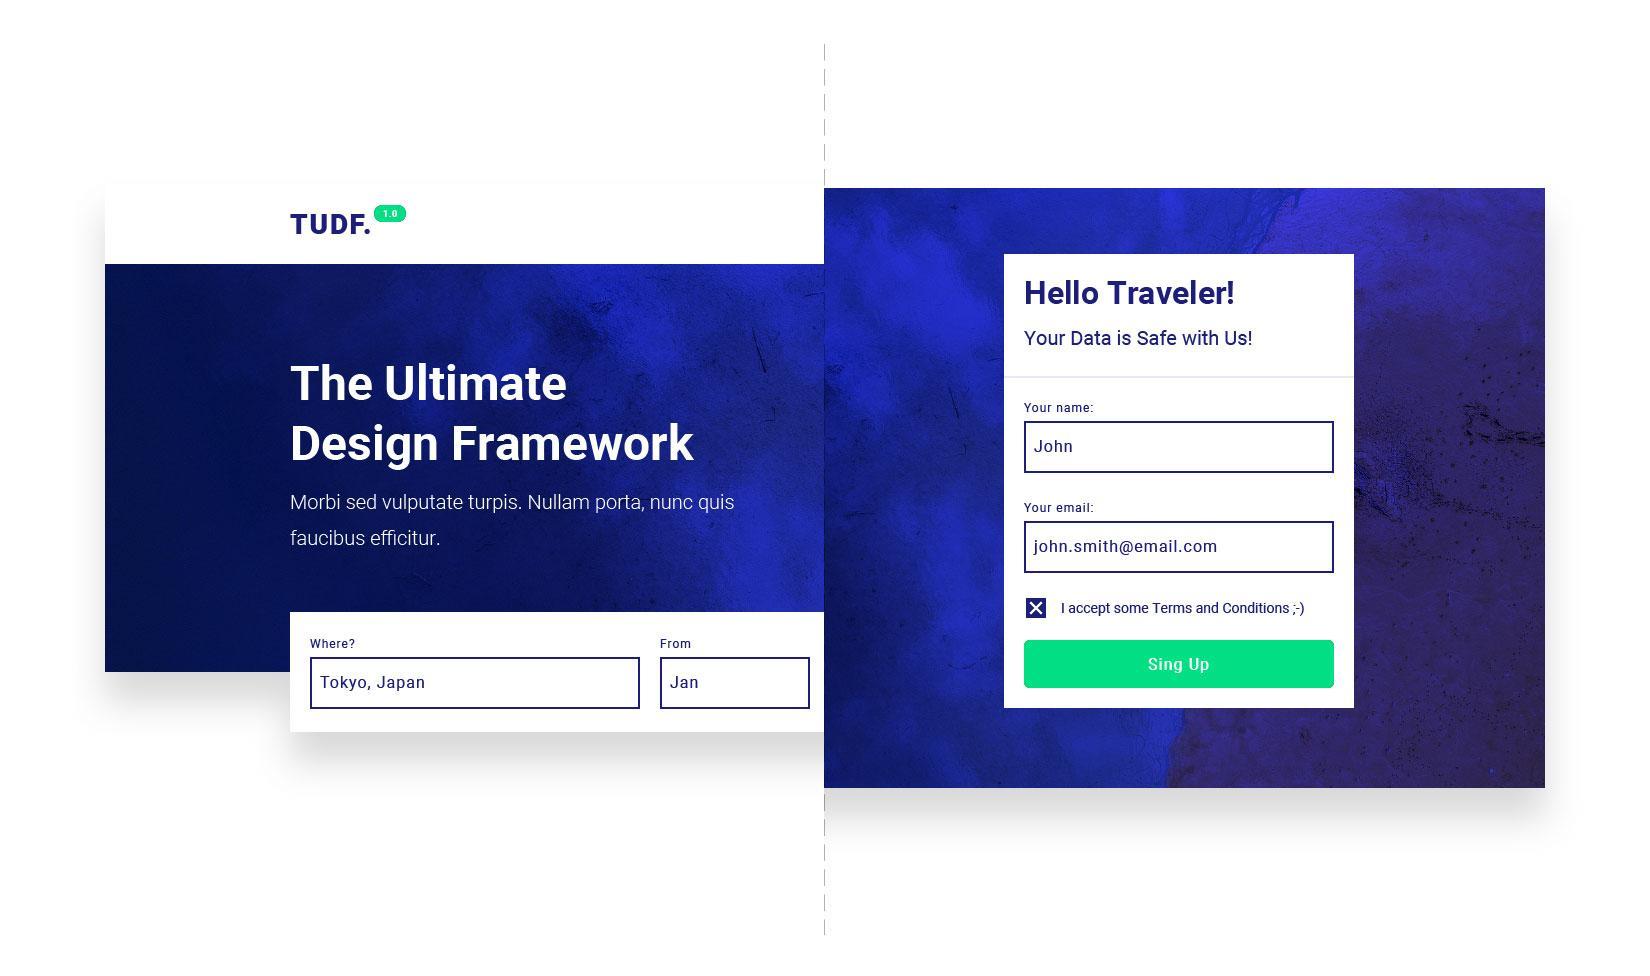 Diferentes secciones del sitio web elaboradas a partir de componentes de interfaz de usuario complejos para un framework de diseño de interfaz de usuario